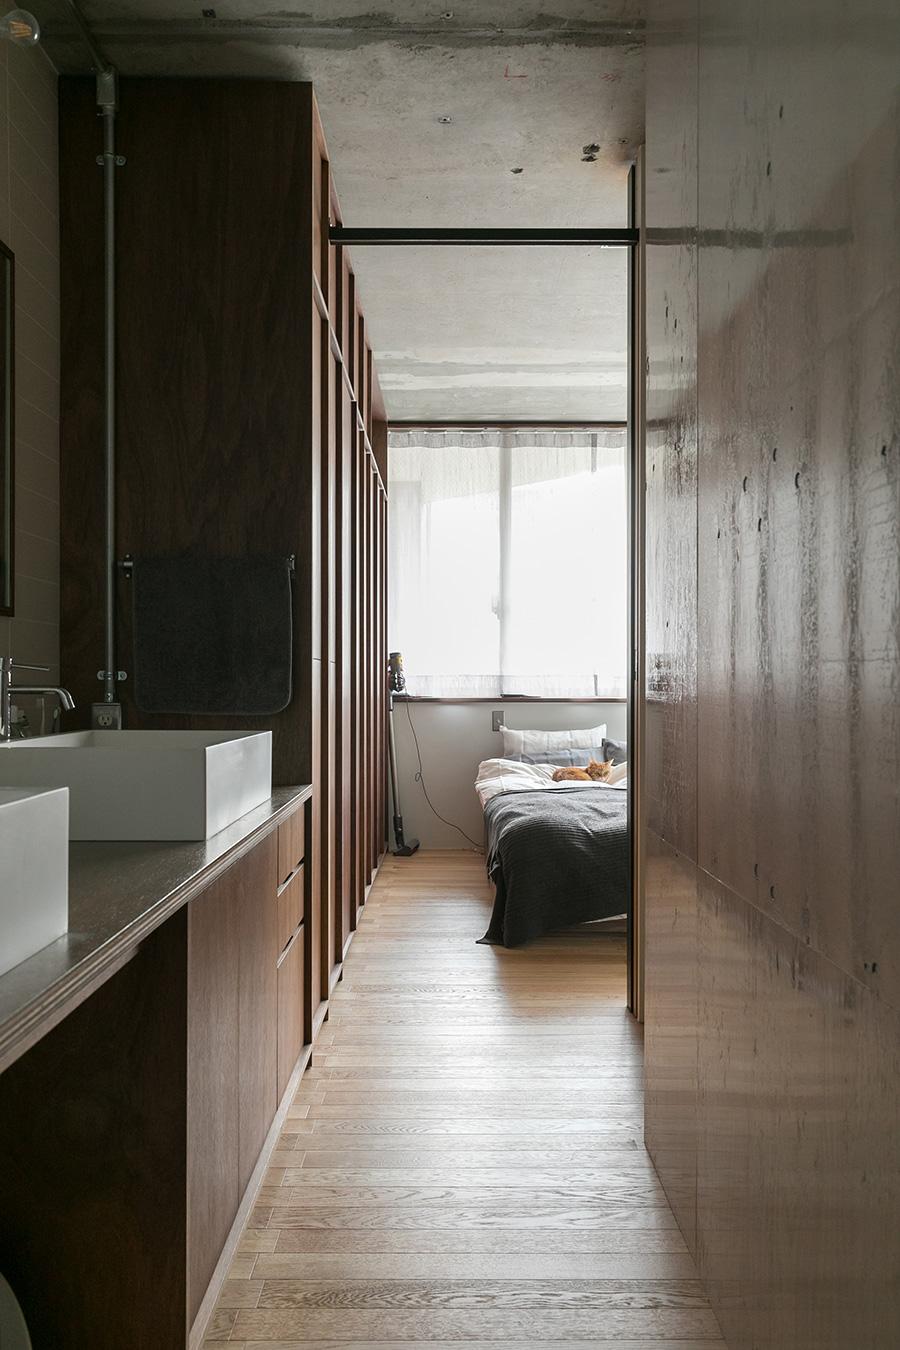 寝室から洗面所へ回遊。構造用合板を重ねた壁をツヤありの塗装にして光を反射させることで洗面所を明るくしている。